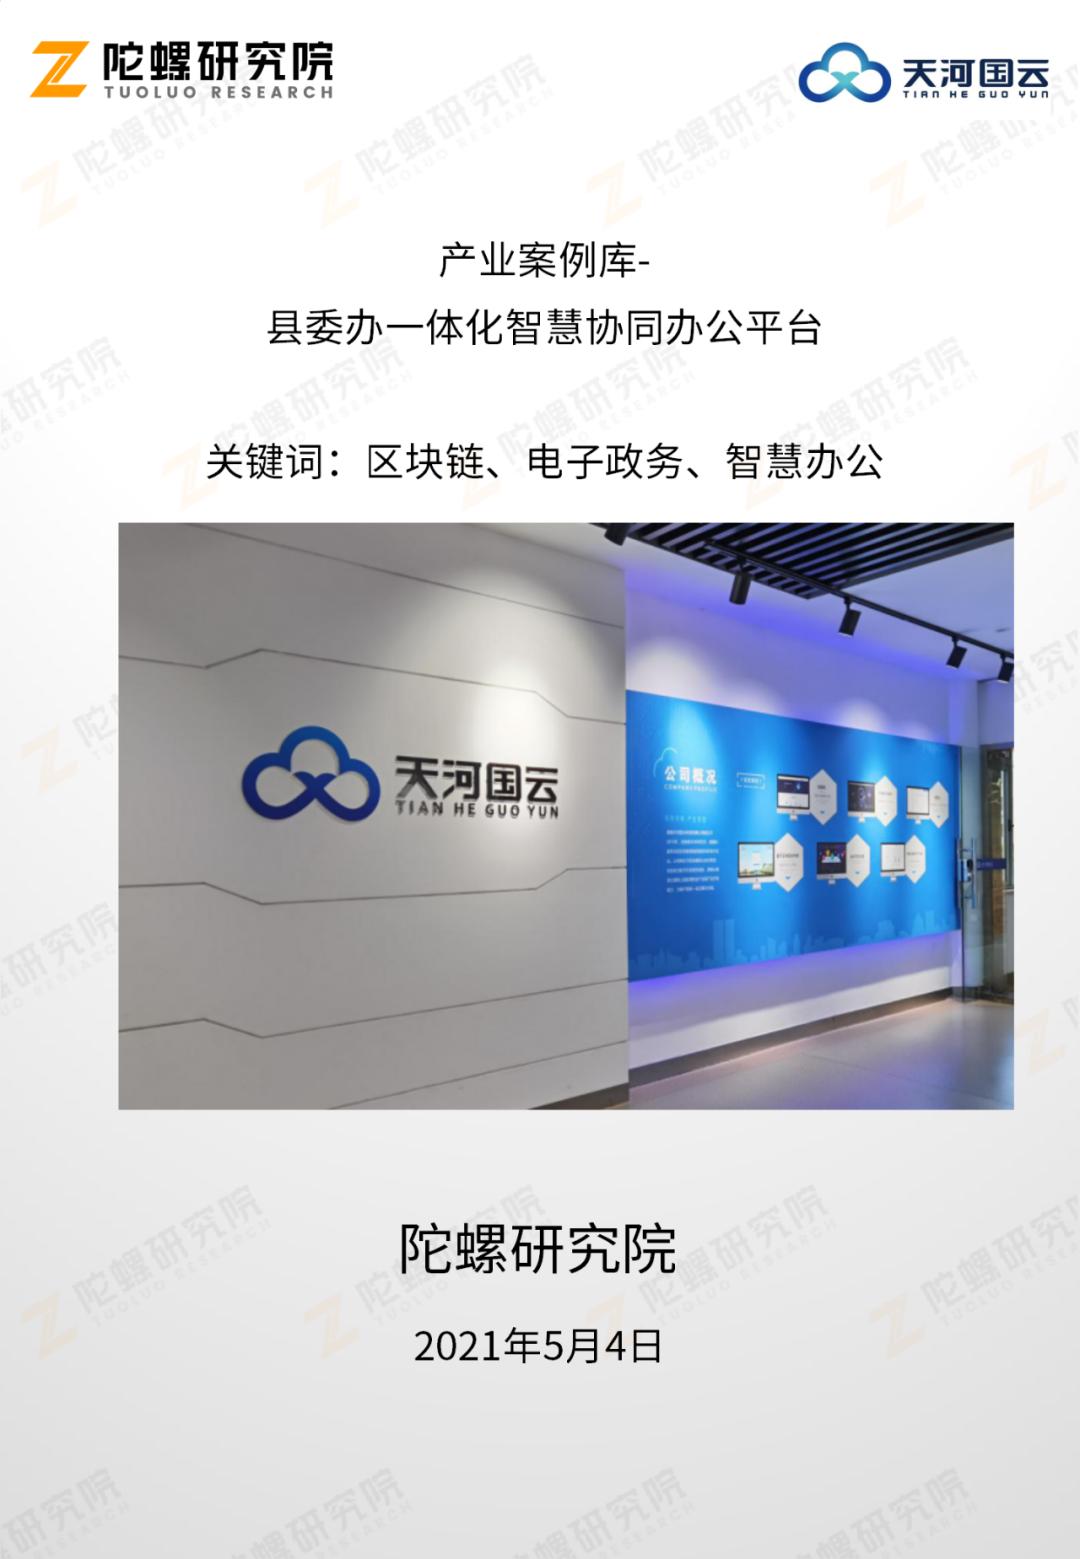 陀螺产业区块链第十二季 | 县委办一体化智慧协同办公平台